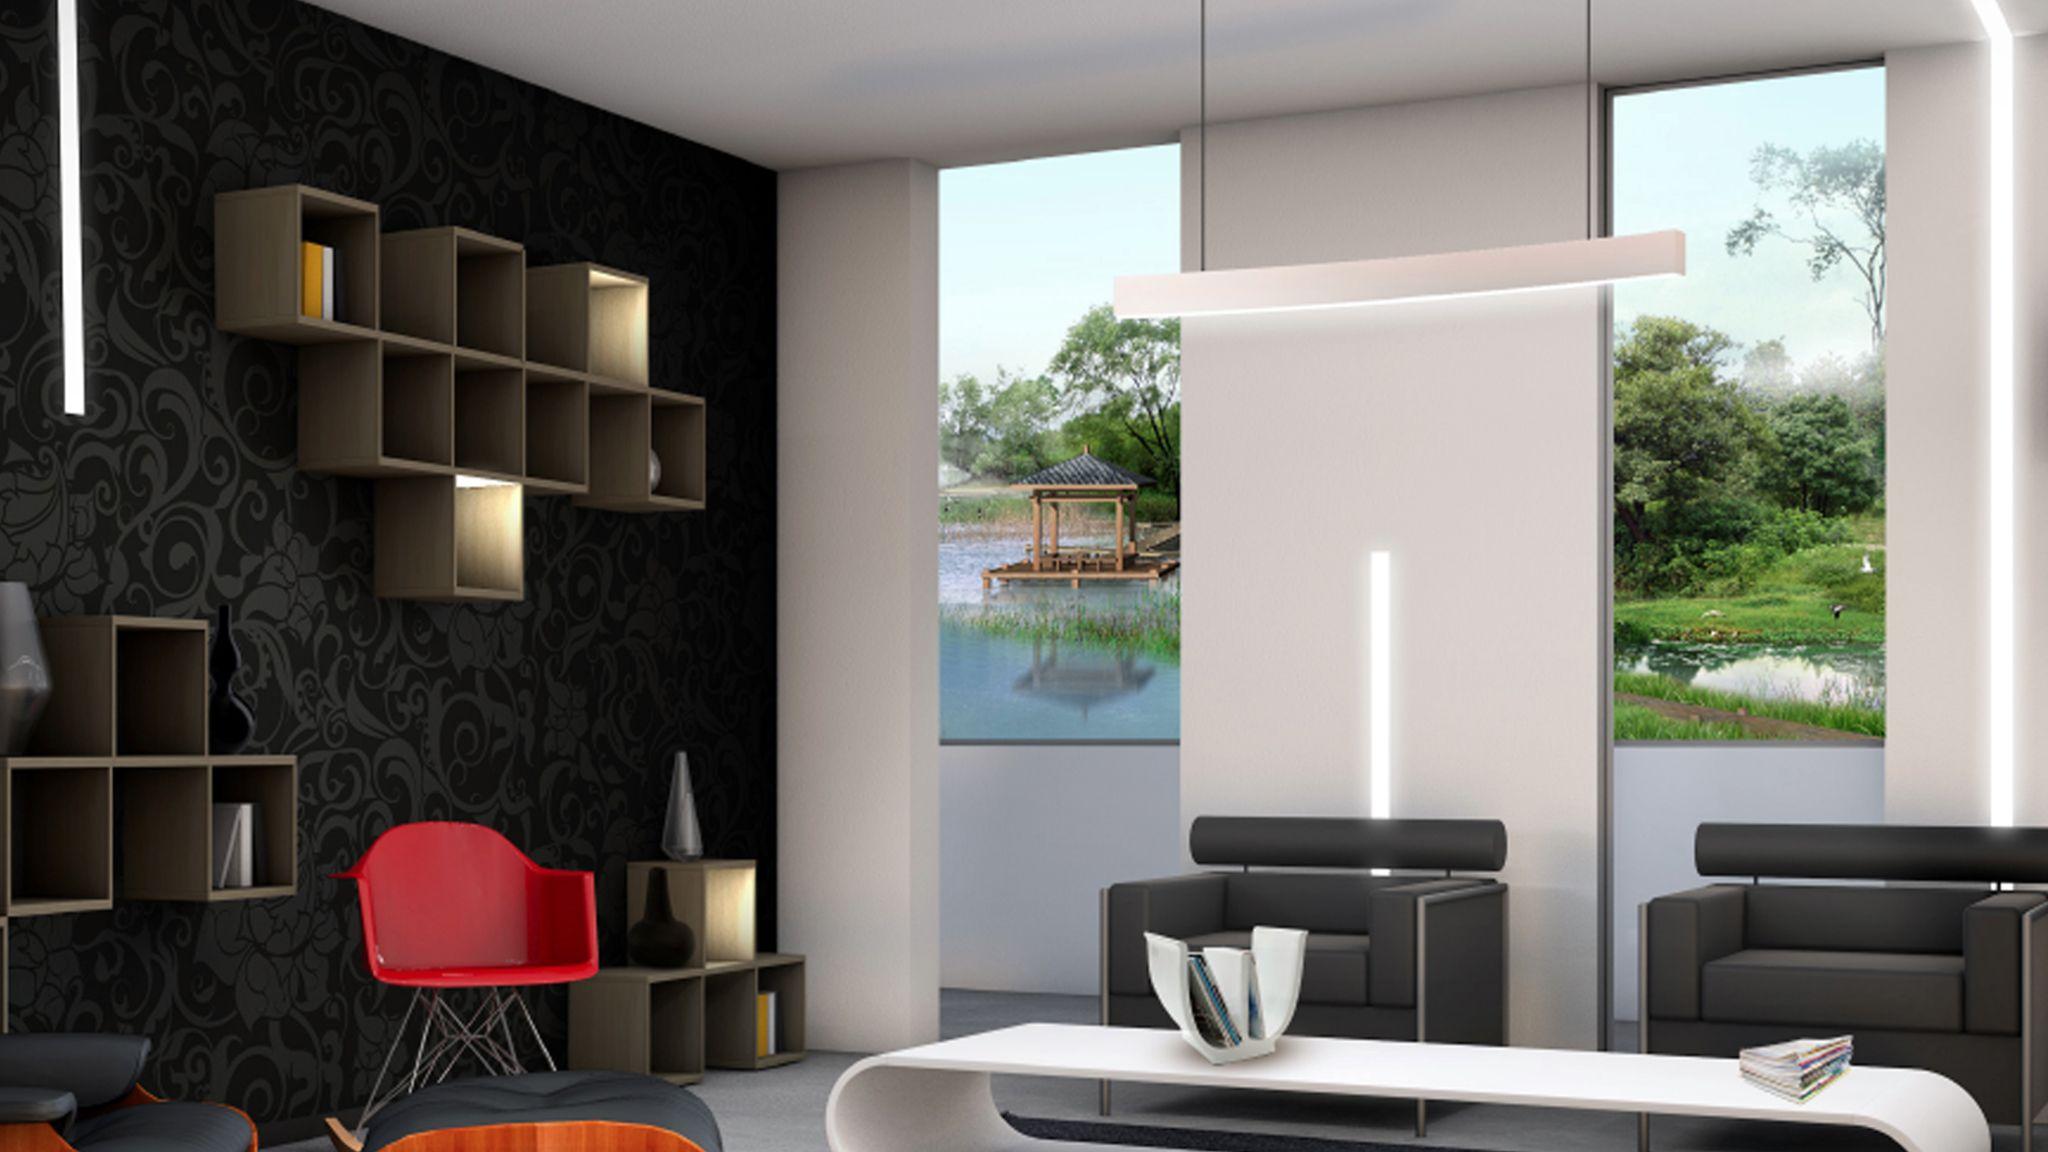 stilluce store offre soluzioni su misura per cucina soggiorno bagno e camera